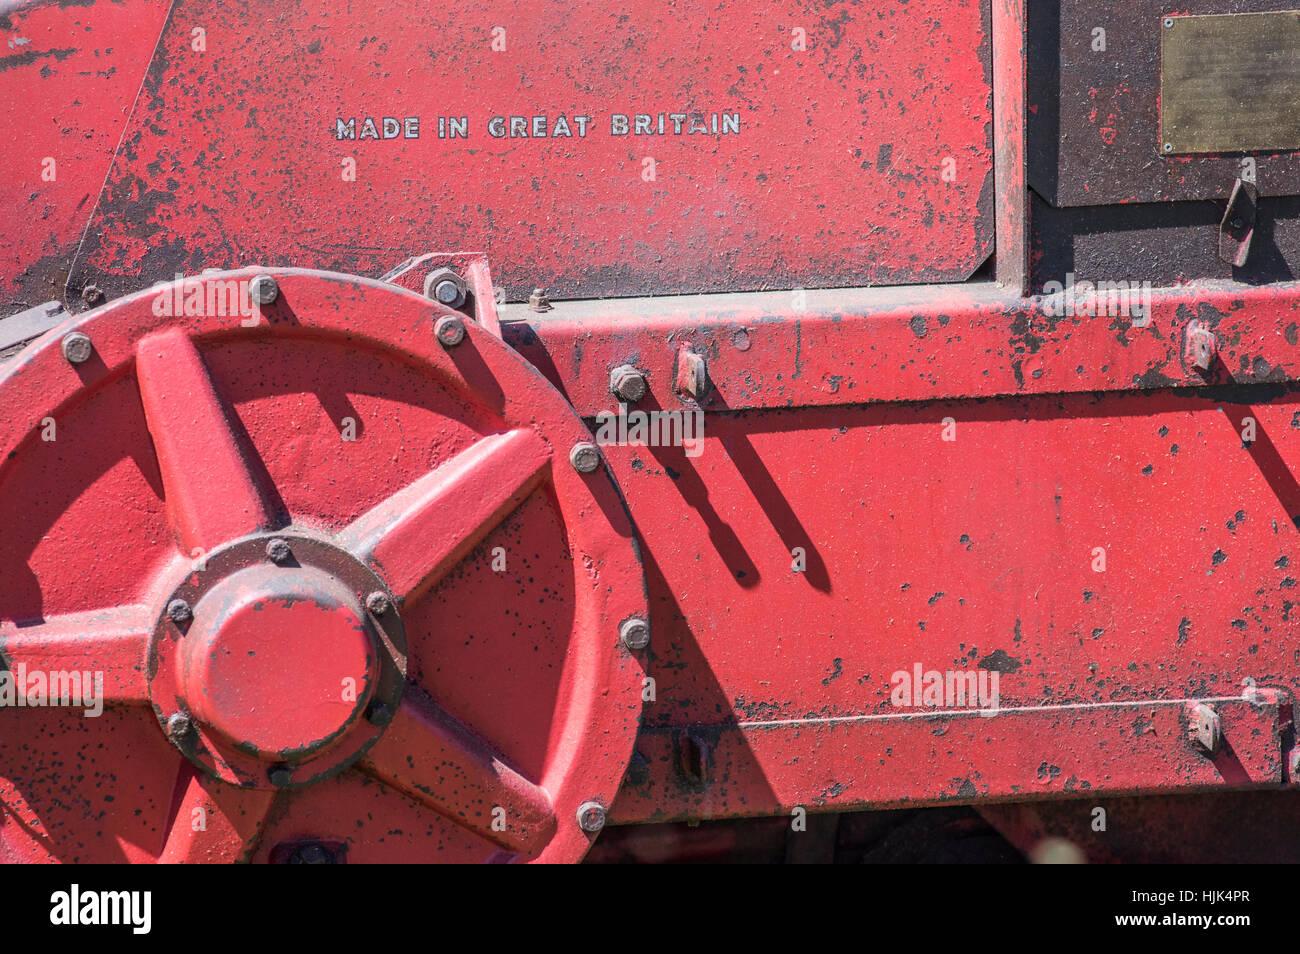 Detail from Massey Ferguson baler model 703 - Stock Image